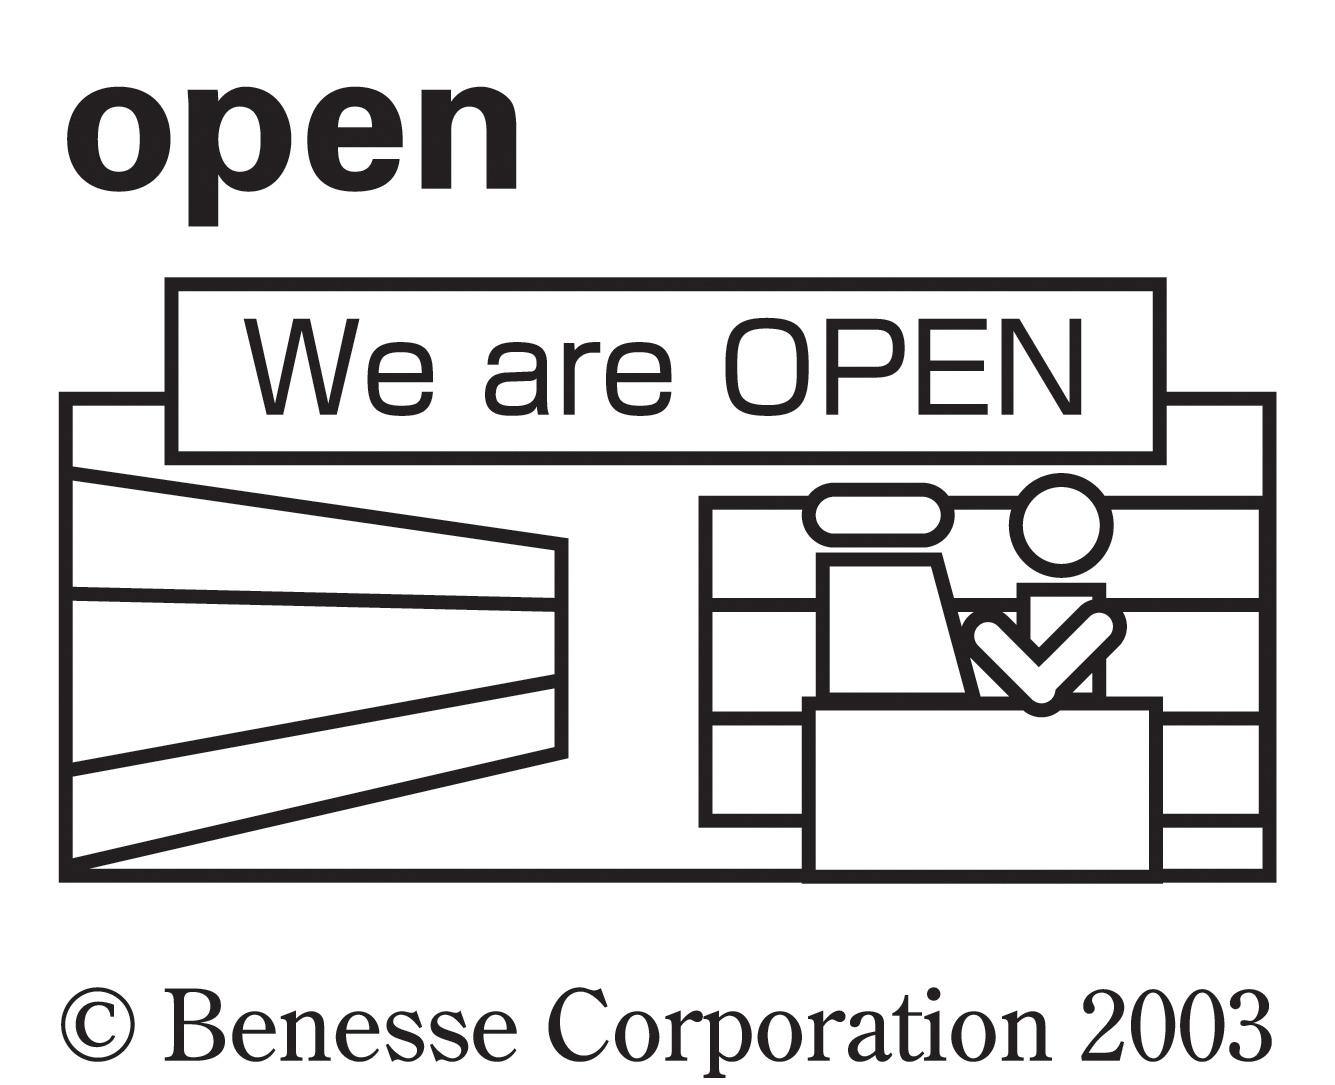 open02.jpg